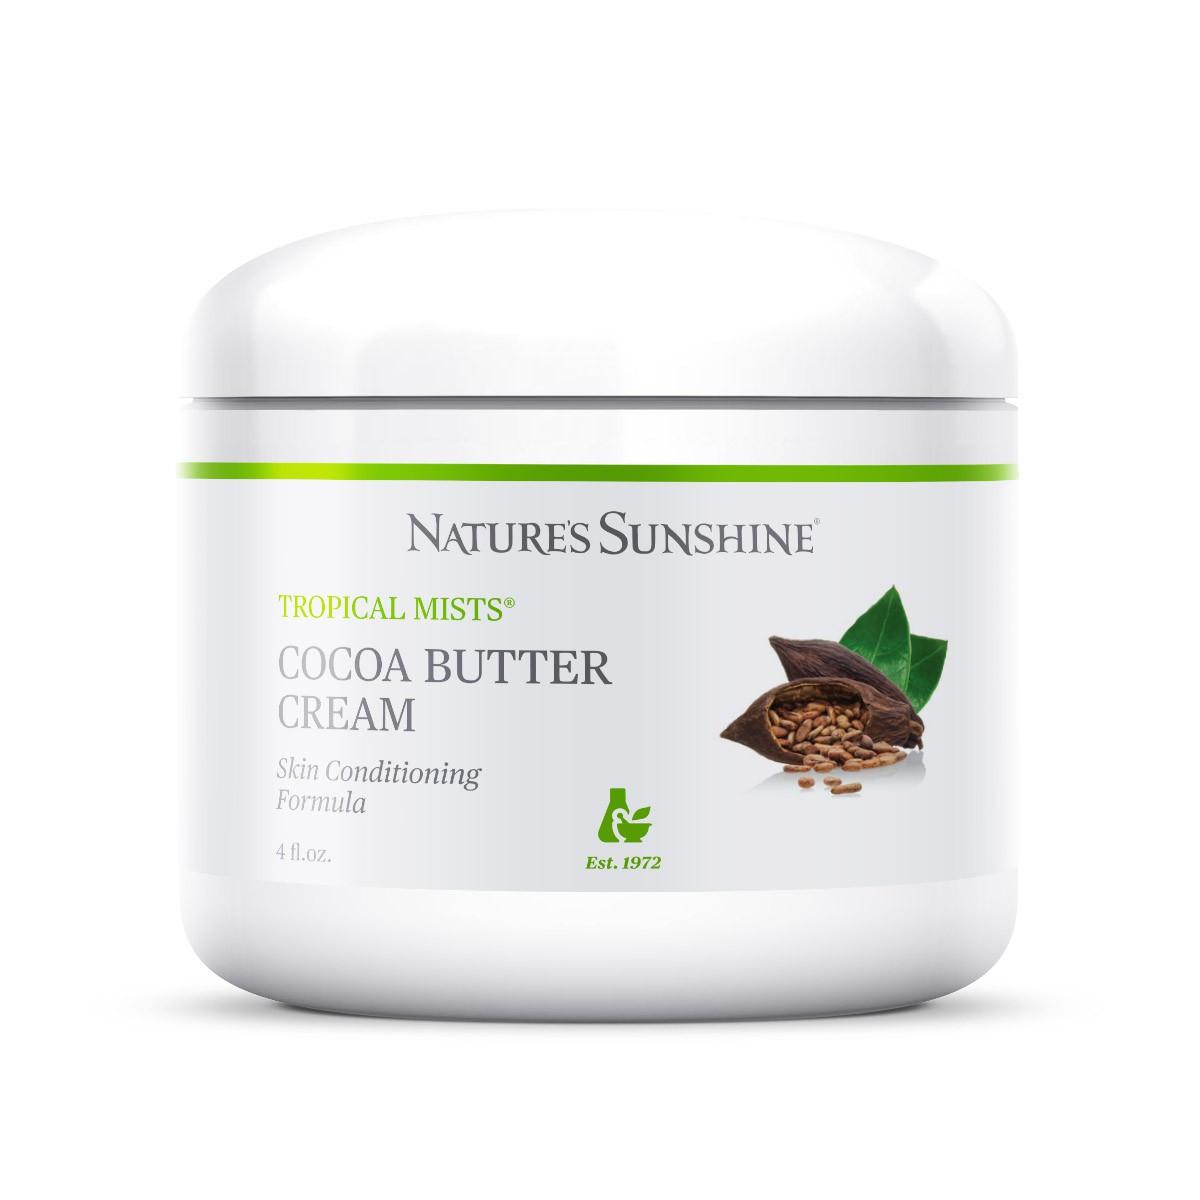 Cocoa Butter Cream.  Крем с маслом какао питательный для лица и тела, НСП, NSP, США. Для проблемной кожи.